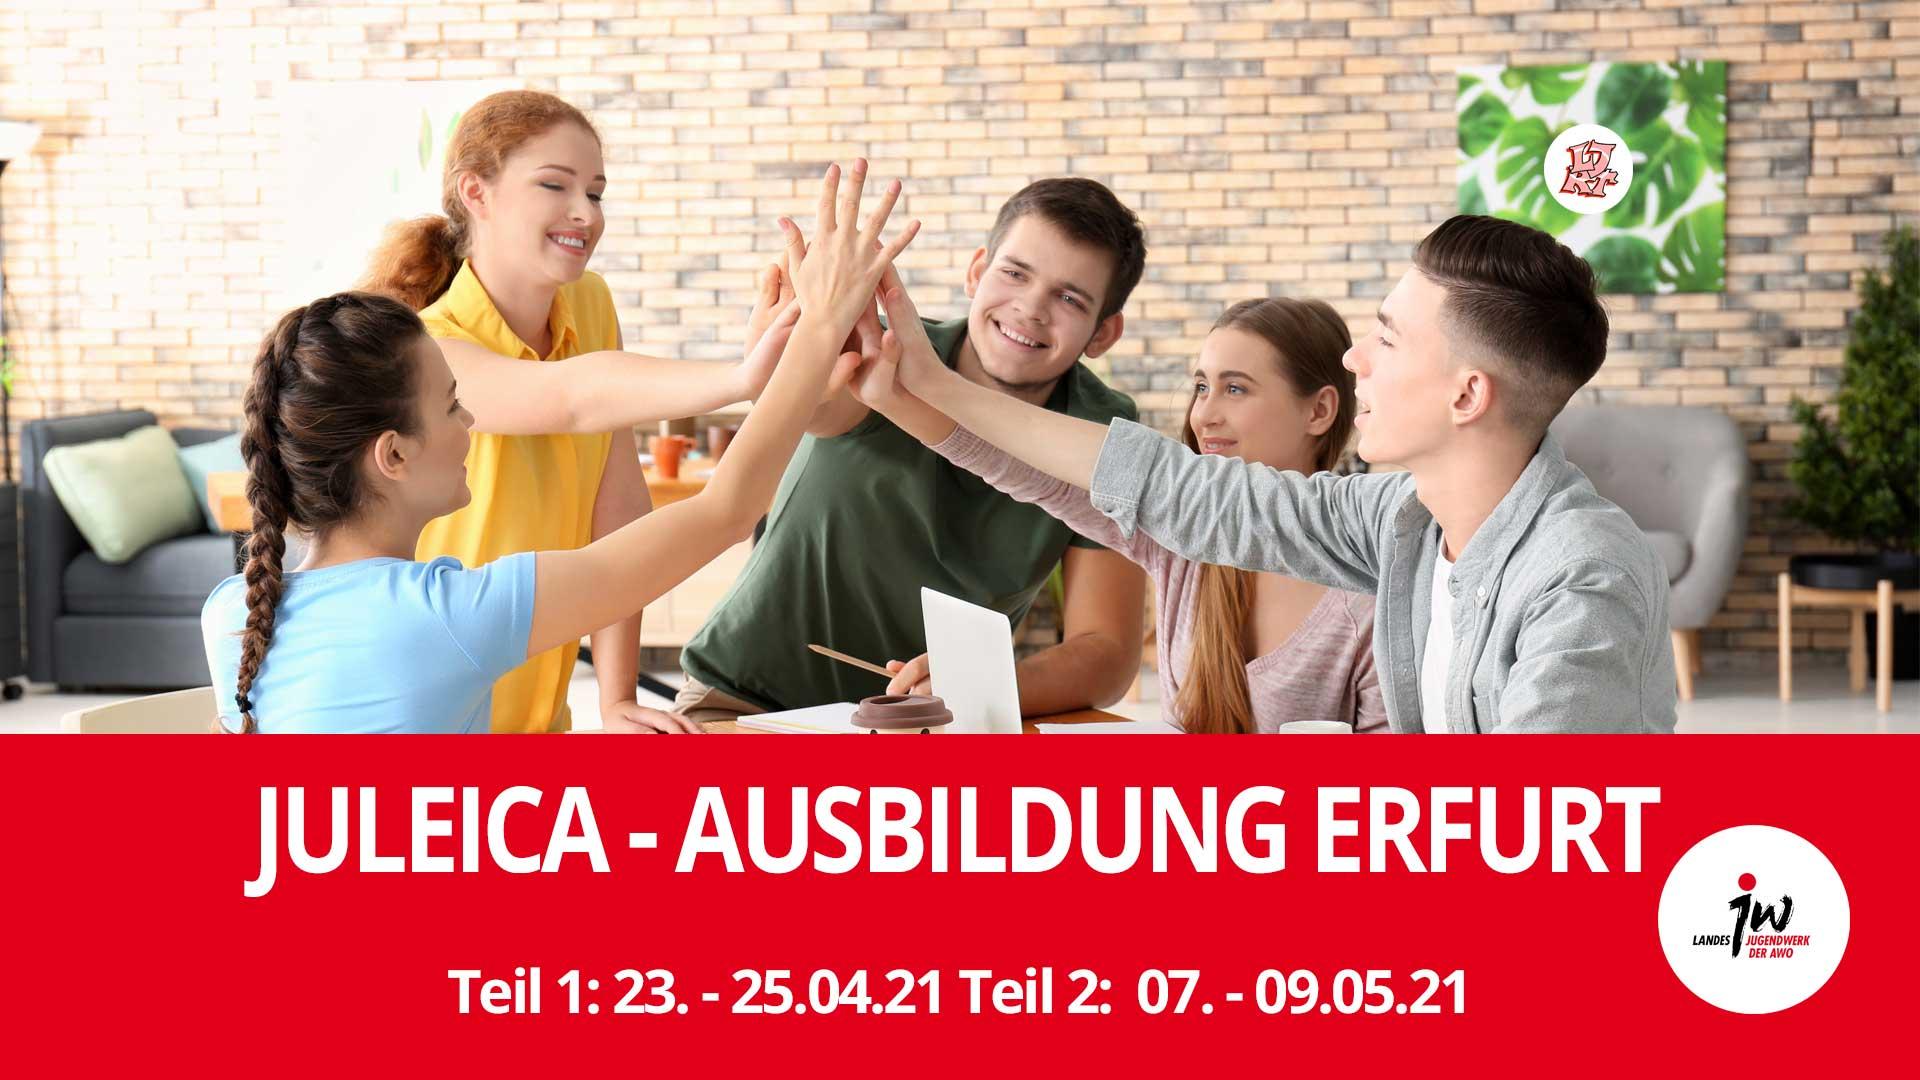 Juleicaausbildung Erfurt